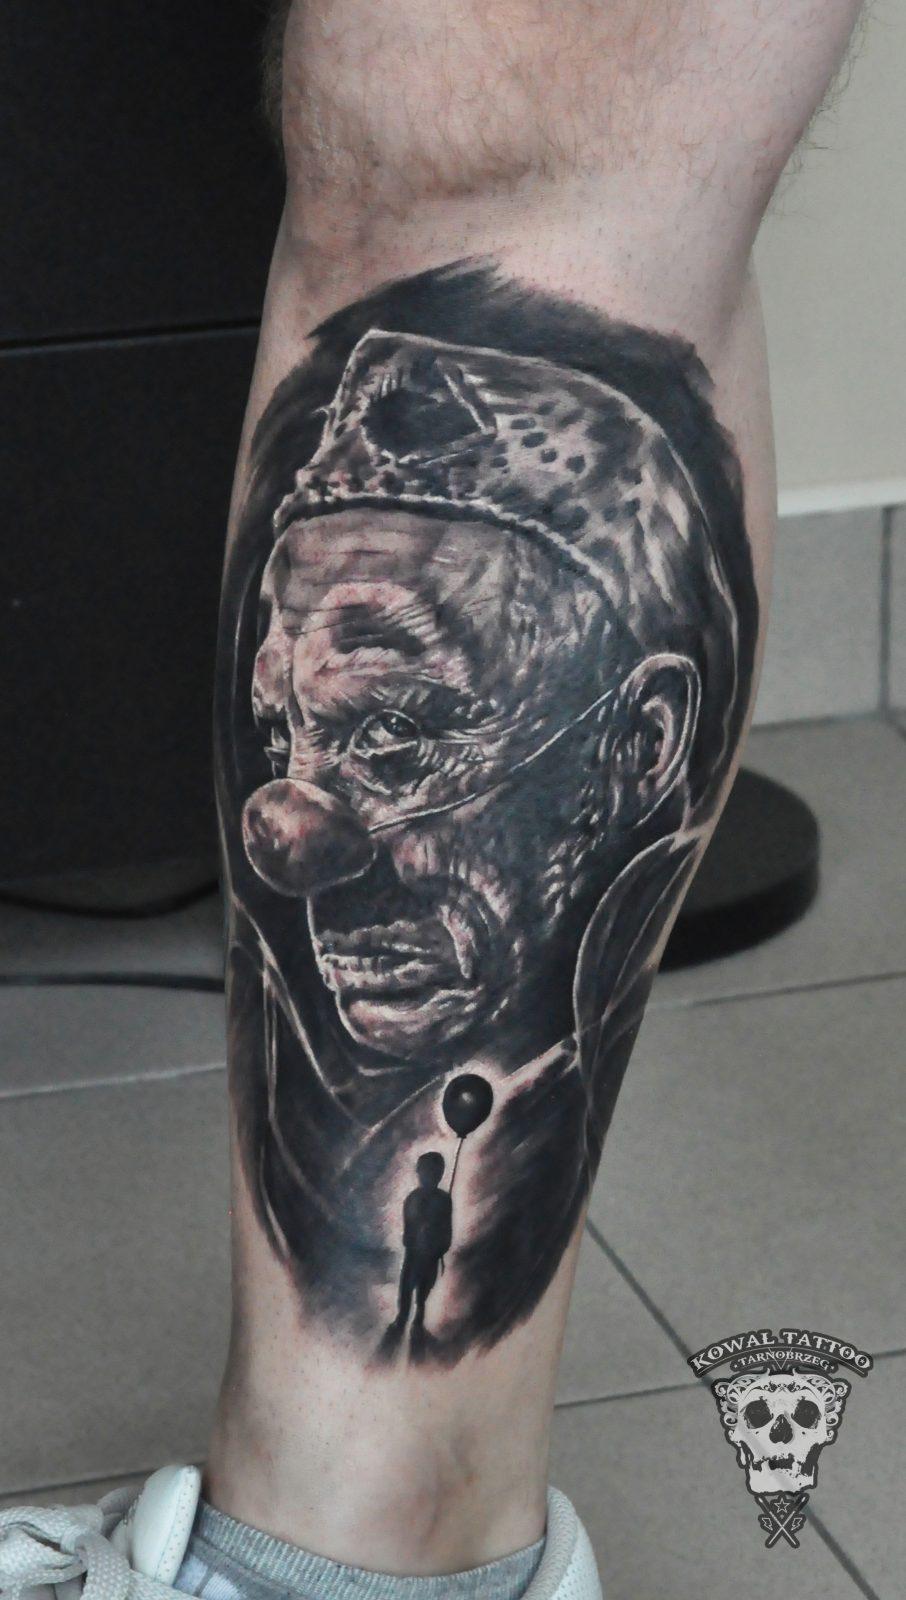 tatuaz_tarnobrzeg_7